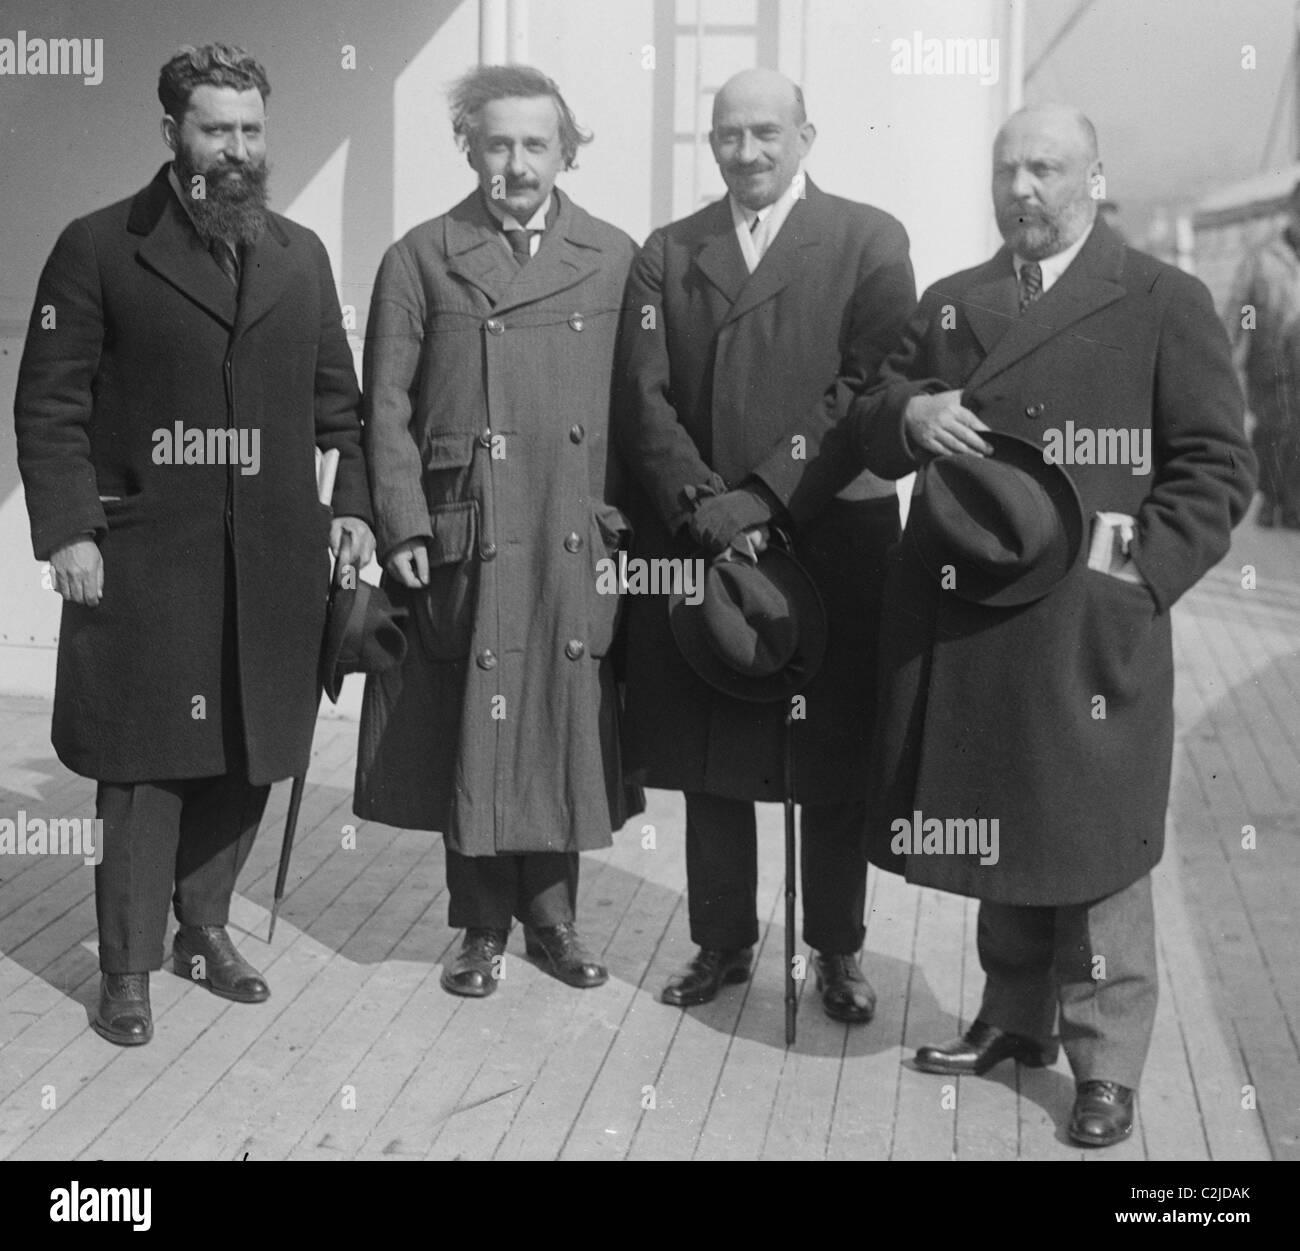 Mossessohn, Chaim Weizman, Albert Einstein, Ussischkin - Stock Image